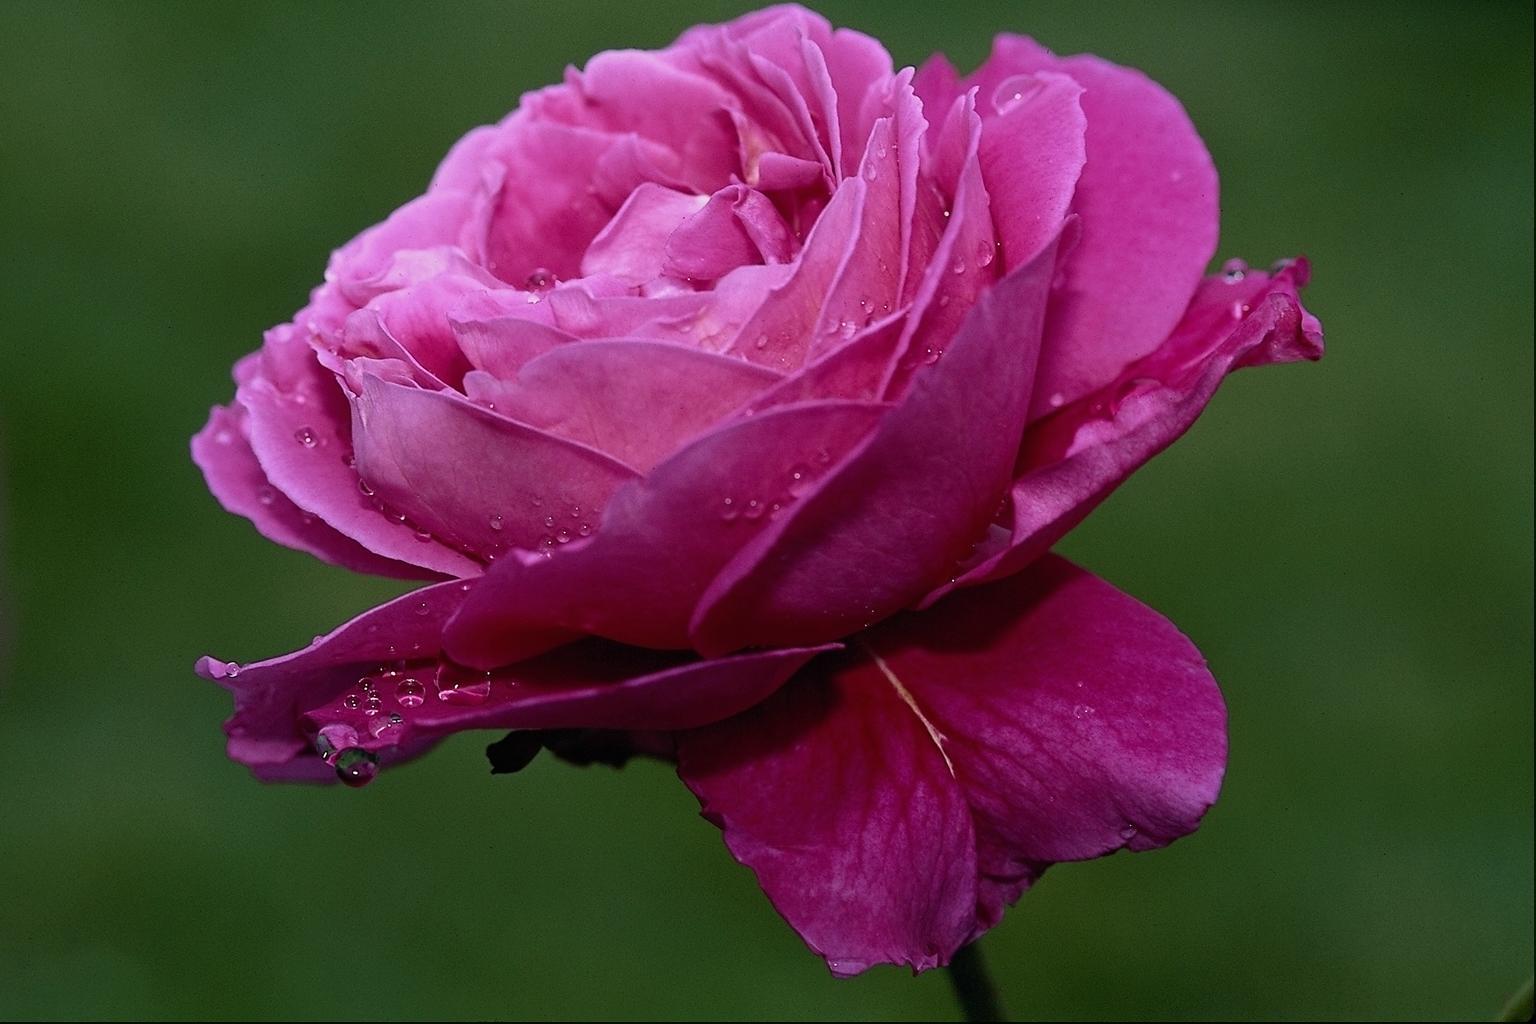 بالصور تحميل صور ورد مجانا , اجمل صور الازهار الراقية 349 8